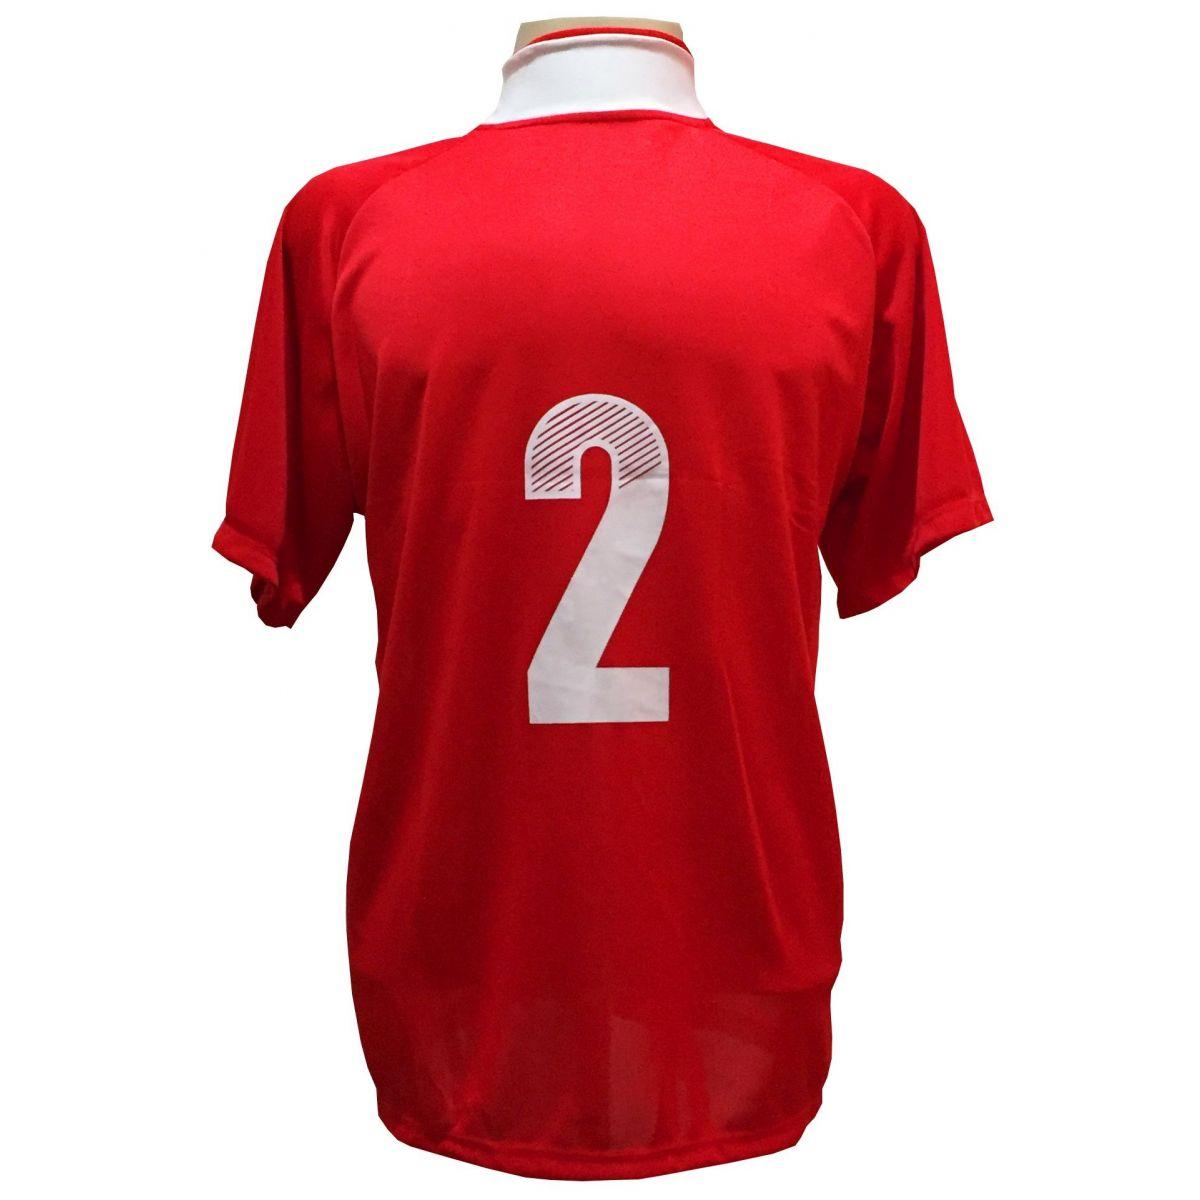 Uniforme Esportivo com 20 camisas modelo Milan Vermelho/Branco + 20 calções modelo Madrid Royal + 20 pares de meiões Royal